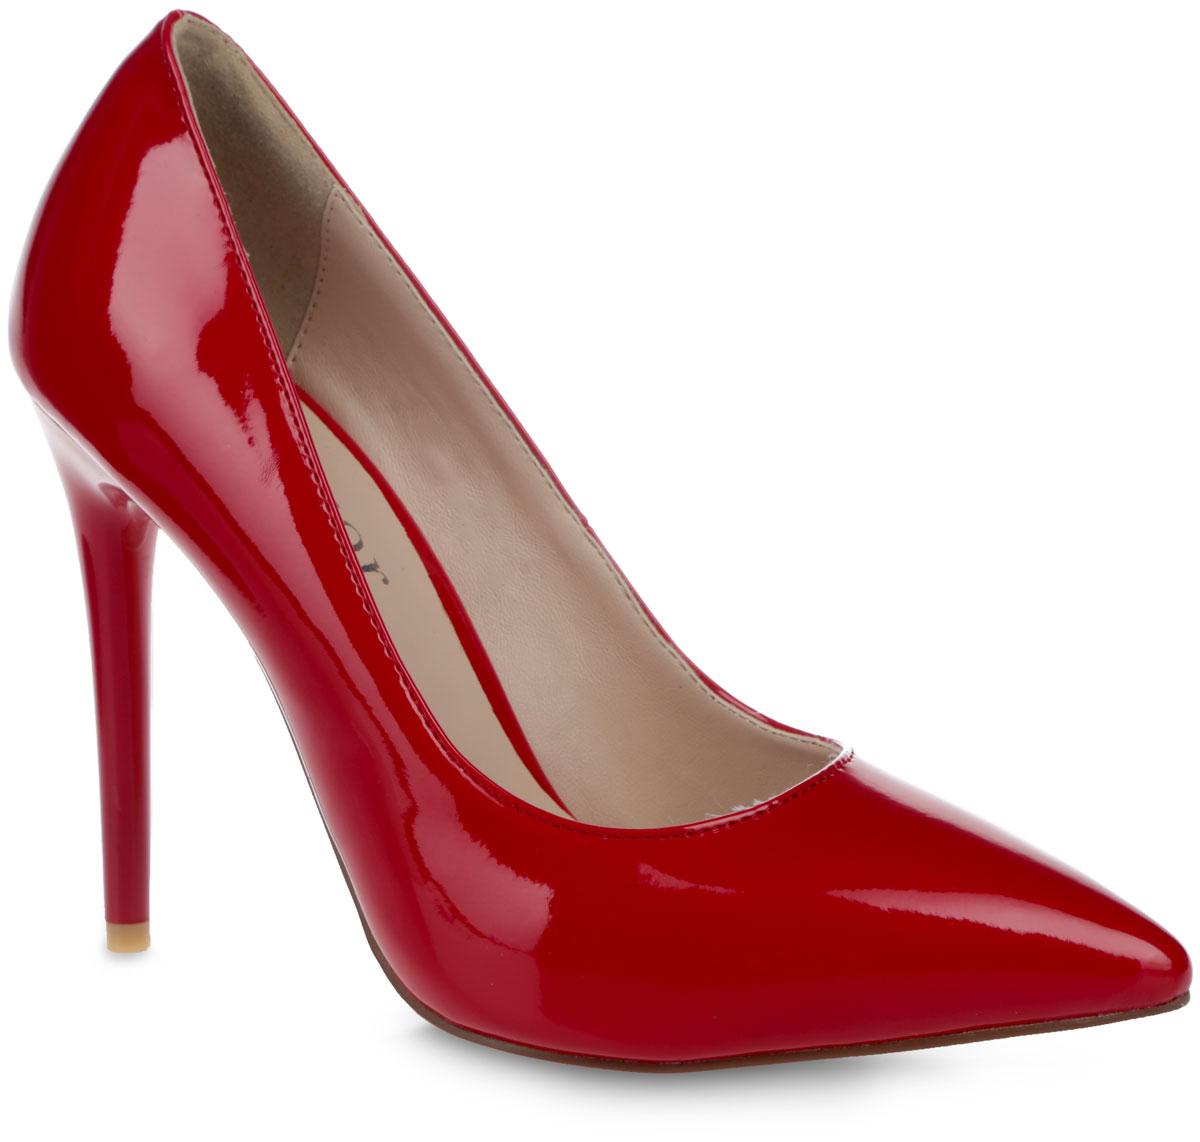 Туфли женские. 5331-E800-25331-E800-25Модные женские туфли от Winzor поразят вас своим дизайном! Модель выполнена из искусственной лаковой кожи и исполнена в лаконичном стиле. Подкладка и стелька - из искусственной кожи, обеспечат максимальный комфорт при ходьбе. Зауженный носок добавит женственности в ваш образ, а ультравысокий каблук-шпилька - шарма. Подошва из полимерного термопластичного материала дополнена рифленым протектором, что обеспечивает отличное сцепление с любой поверхностью. Модные туфли займут достойное место среди вашей коллекции обуви.